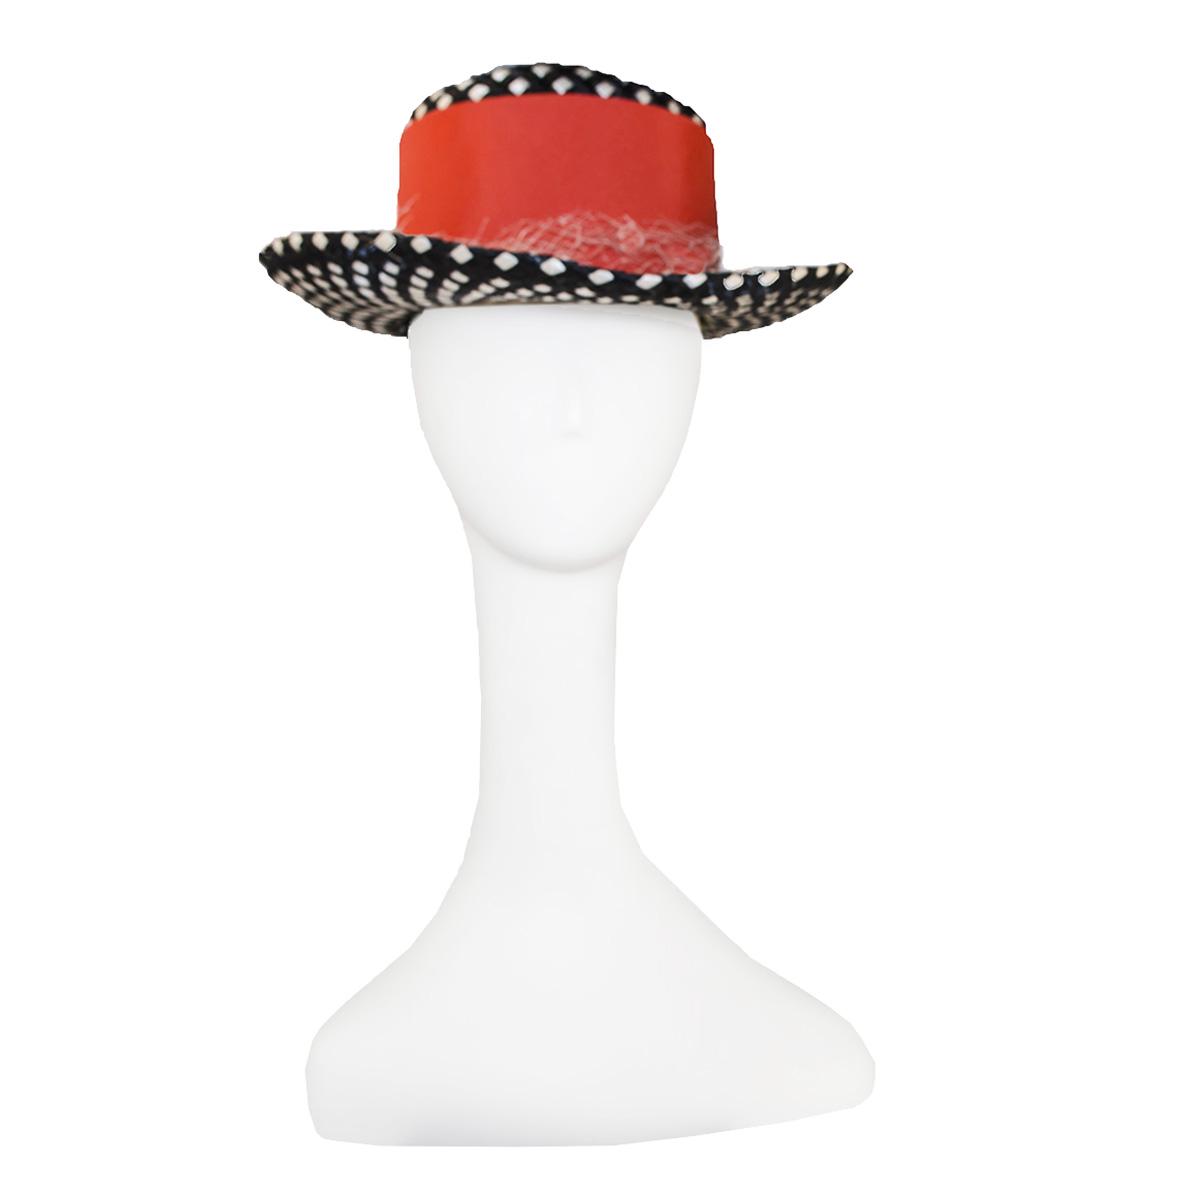 leslie james polka dot hat